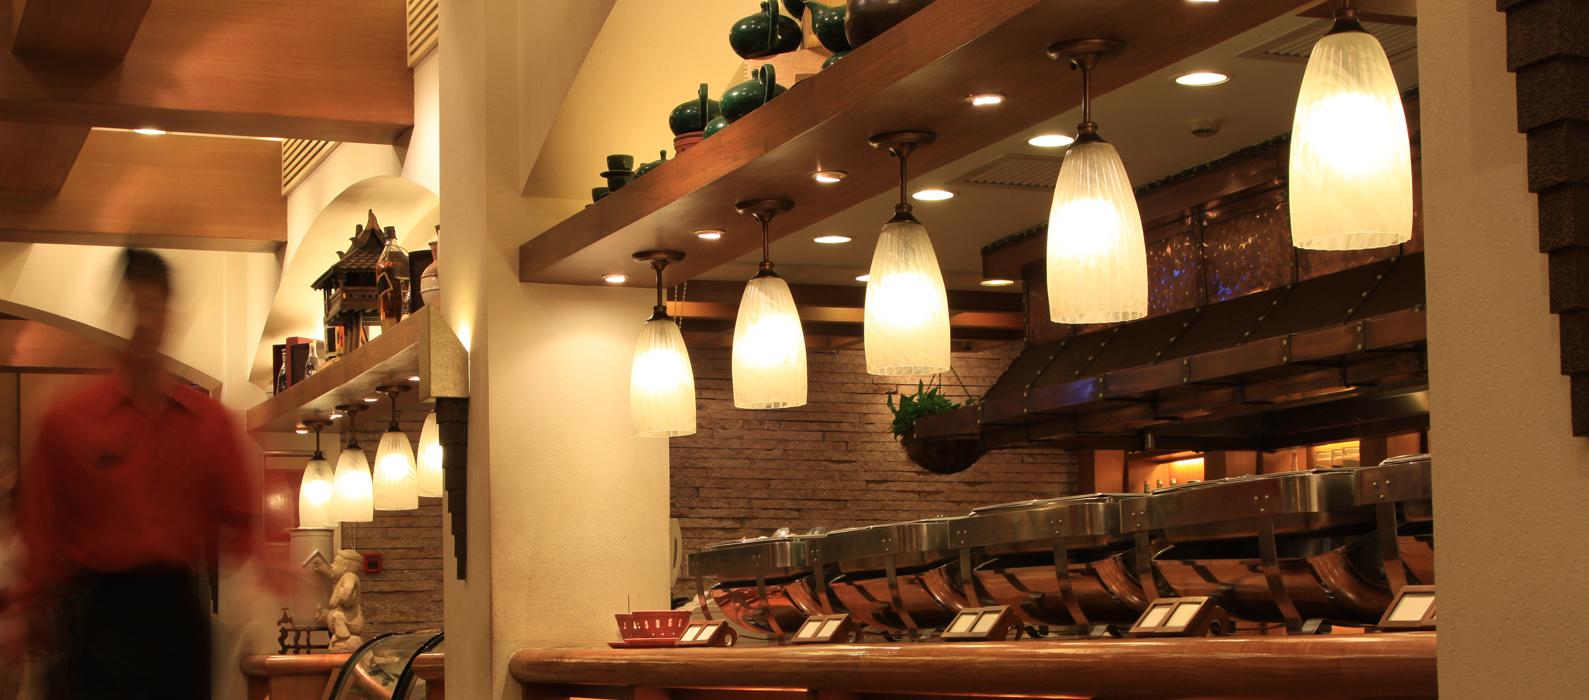 LED Light Globes